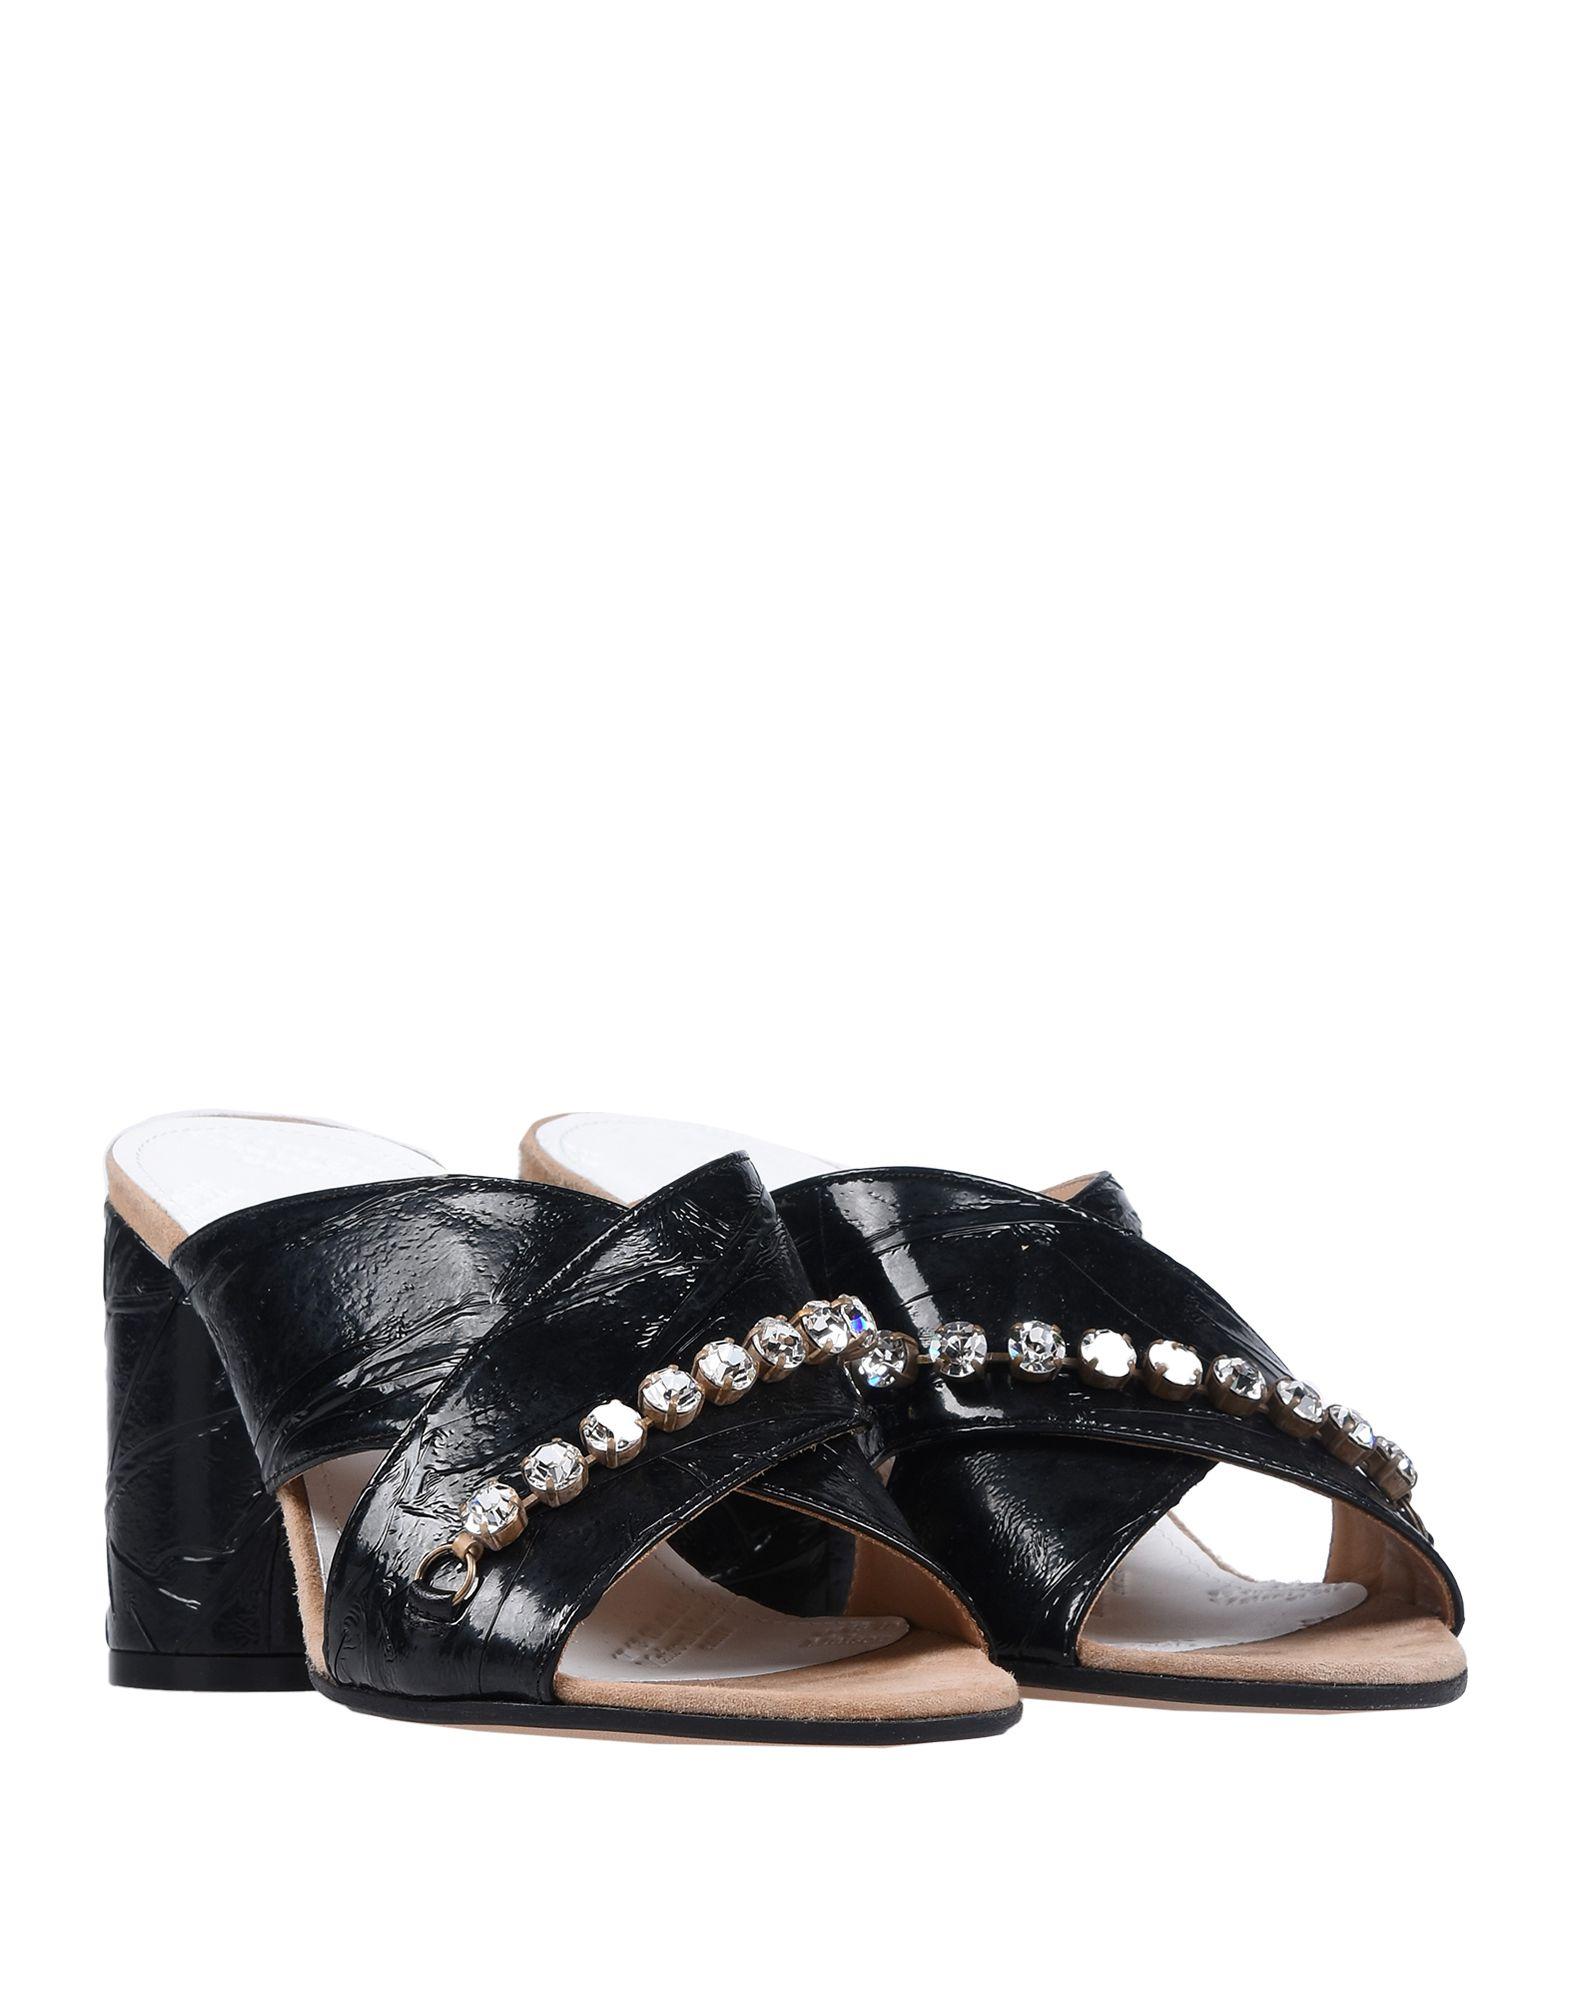 Maison 11492793EIGünstige Margiela Sandalen Damen  11492793EIGünstige Maison gut aussehende Schuhe 6f4704